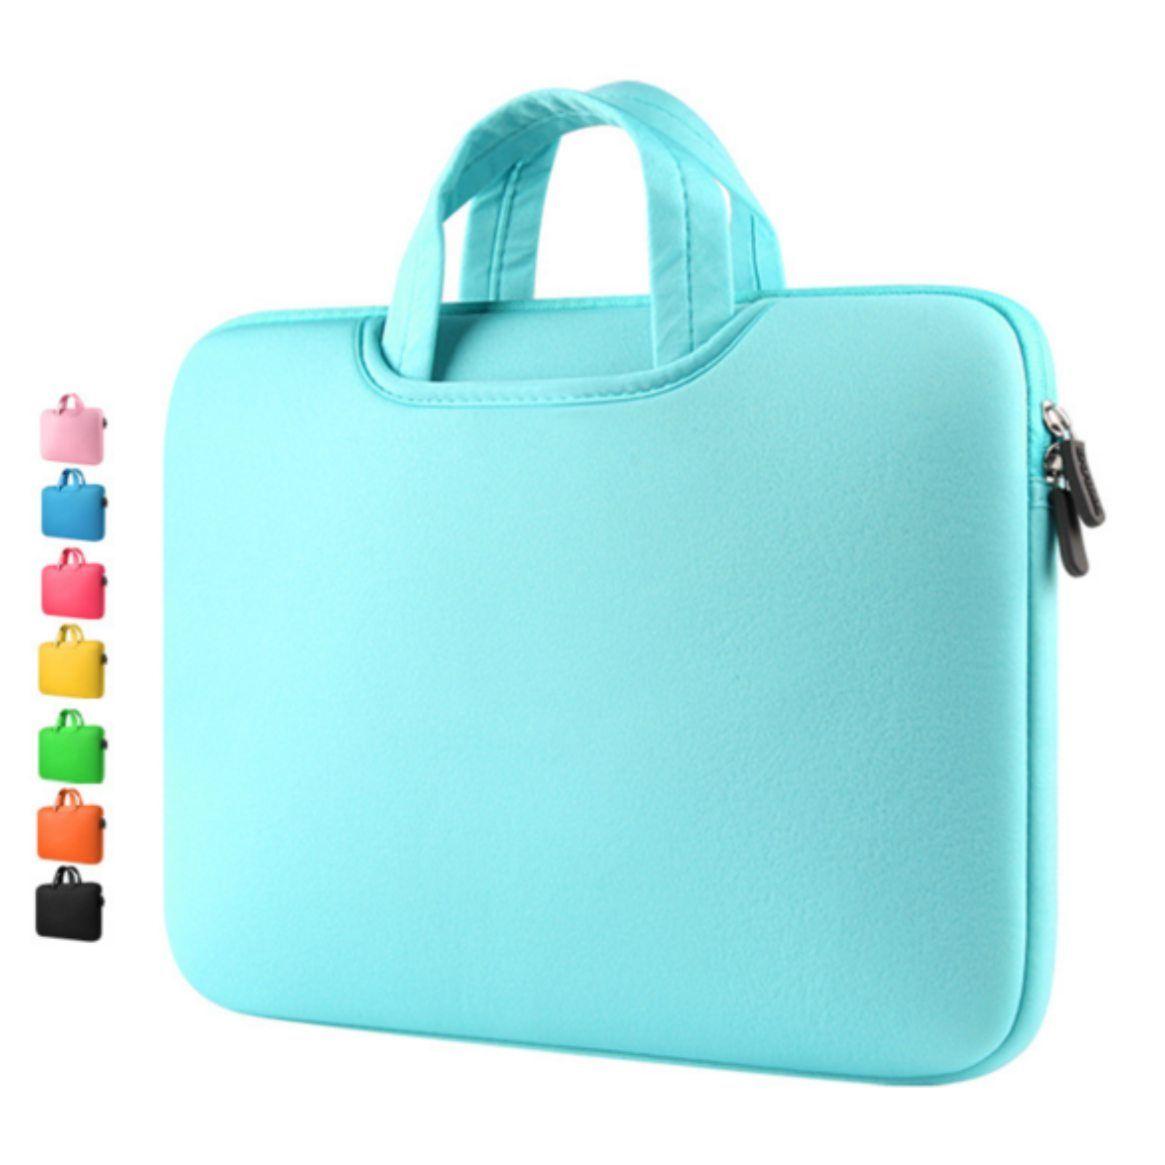 """كم كمبيوتر حقيبة كمبيوتر محمول حقيبة لينة حالة تغطية حقيبة يد حقيبة كمبيوتر كمبيوتر 12 """"13"""" 14 """"15.6"""" حقيبة داخلية"""